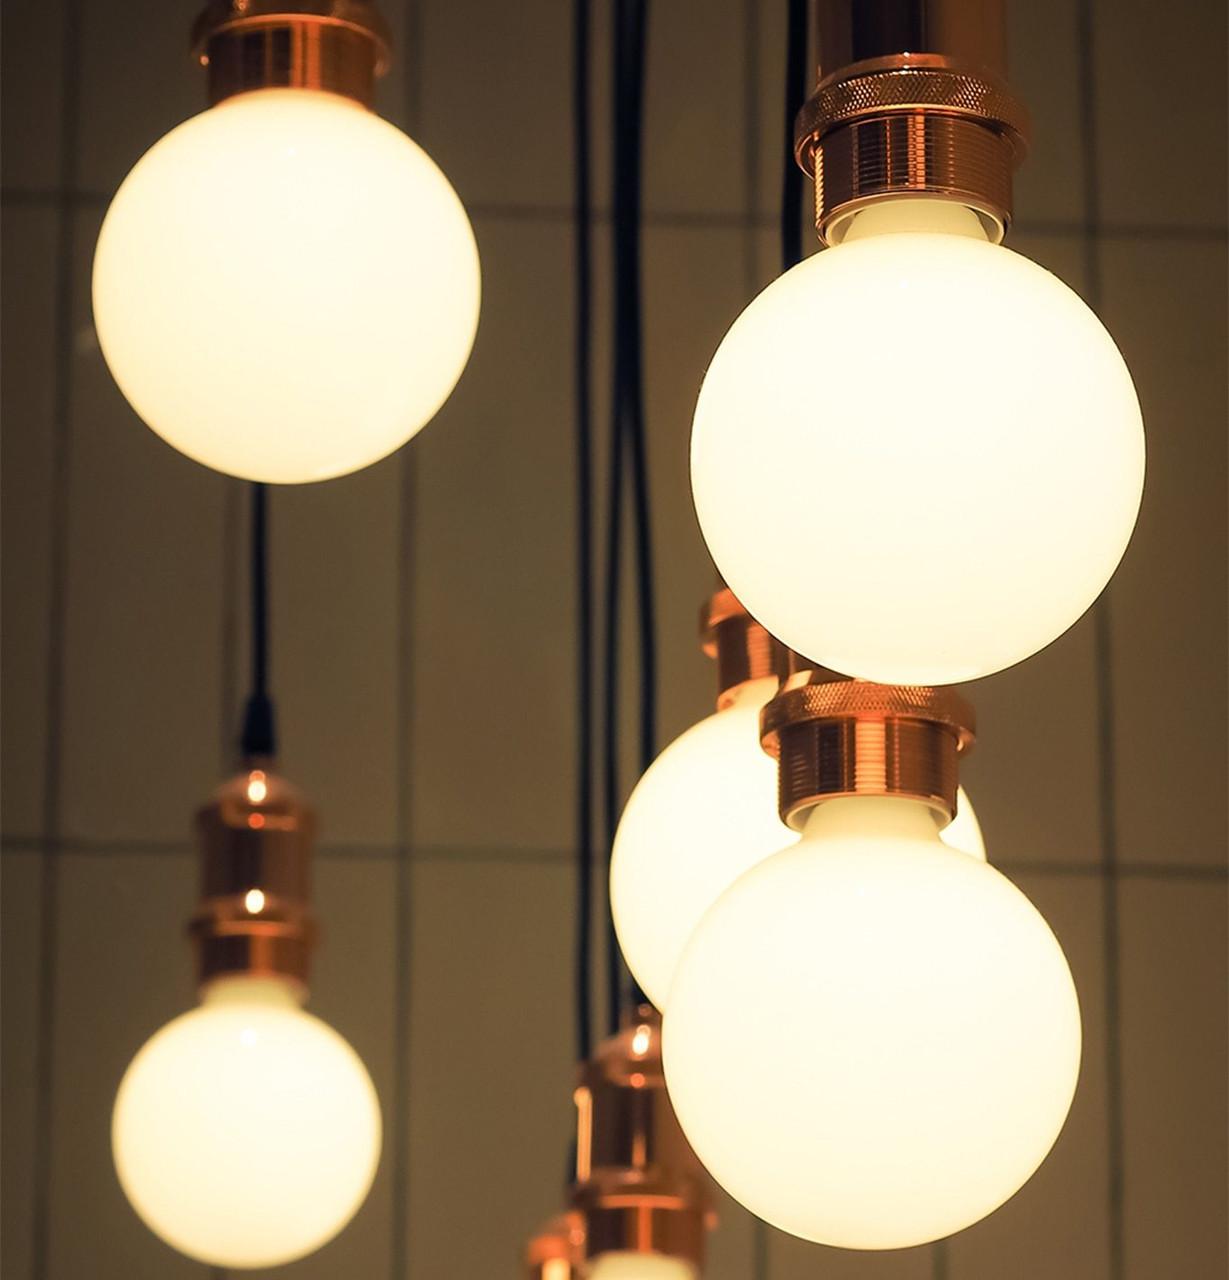 LED Dimmable G80 BC-B22d Light Bulbs